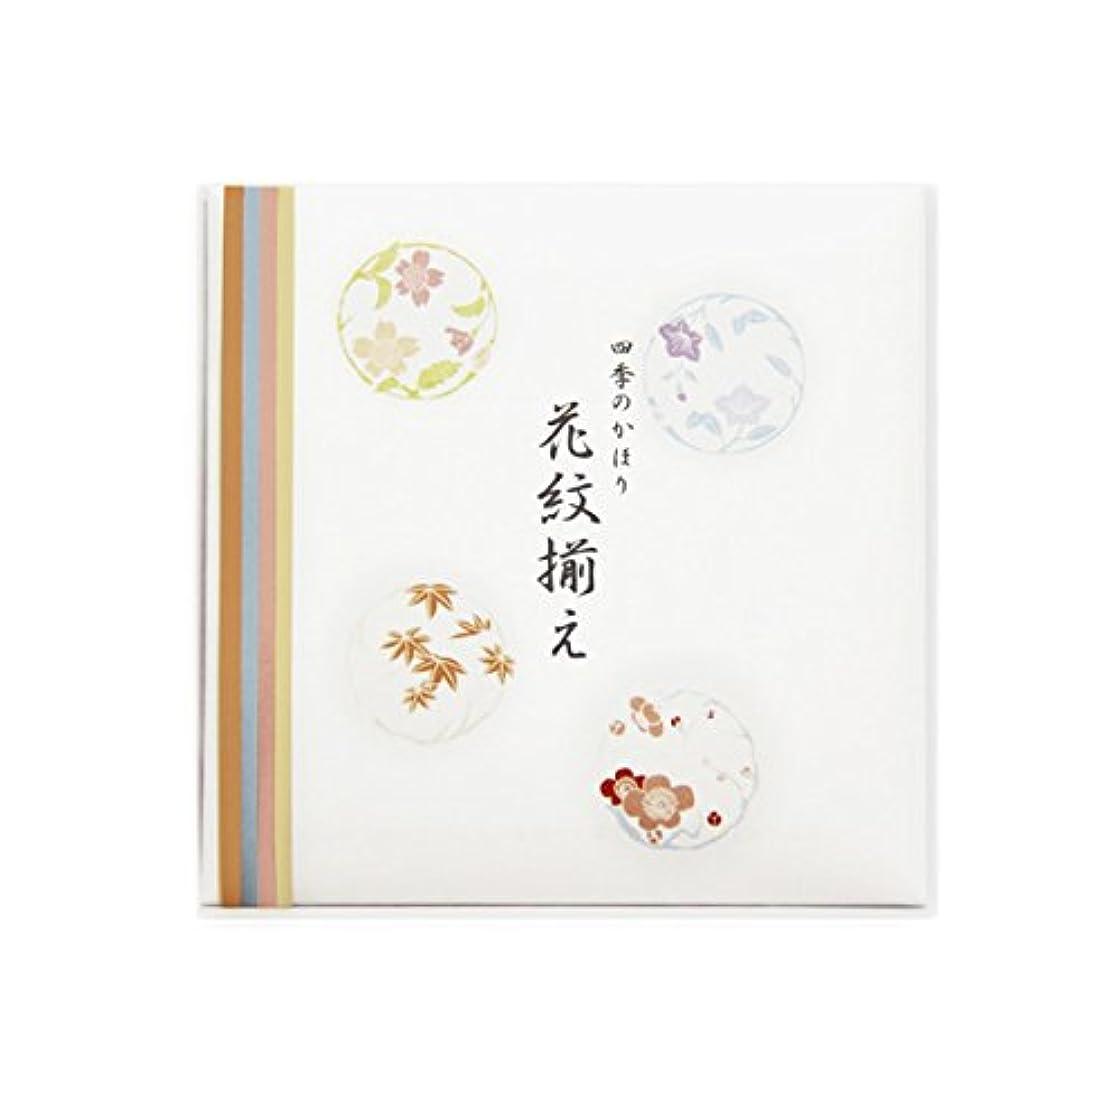 学者キロメートル情緒的四季の香り 花紋揃え スティック4種各4本入